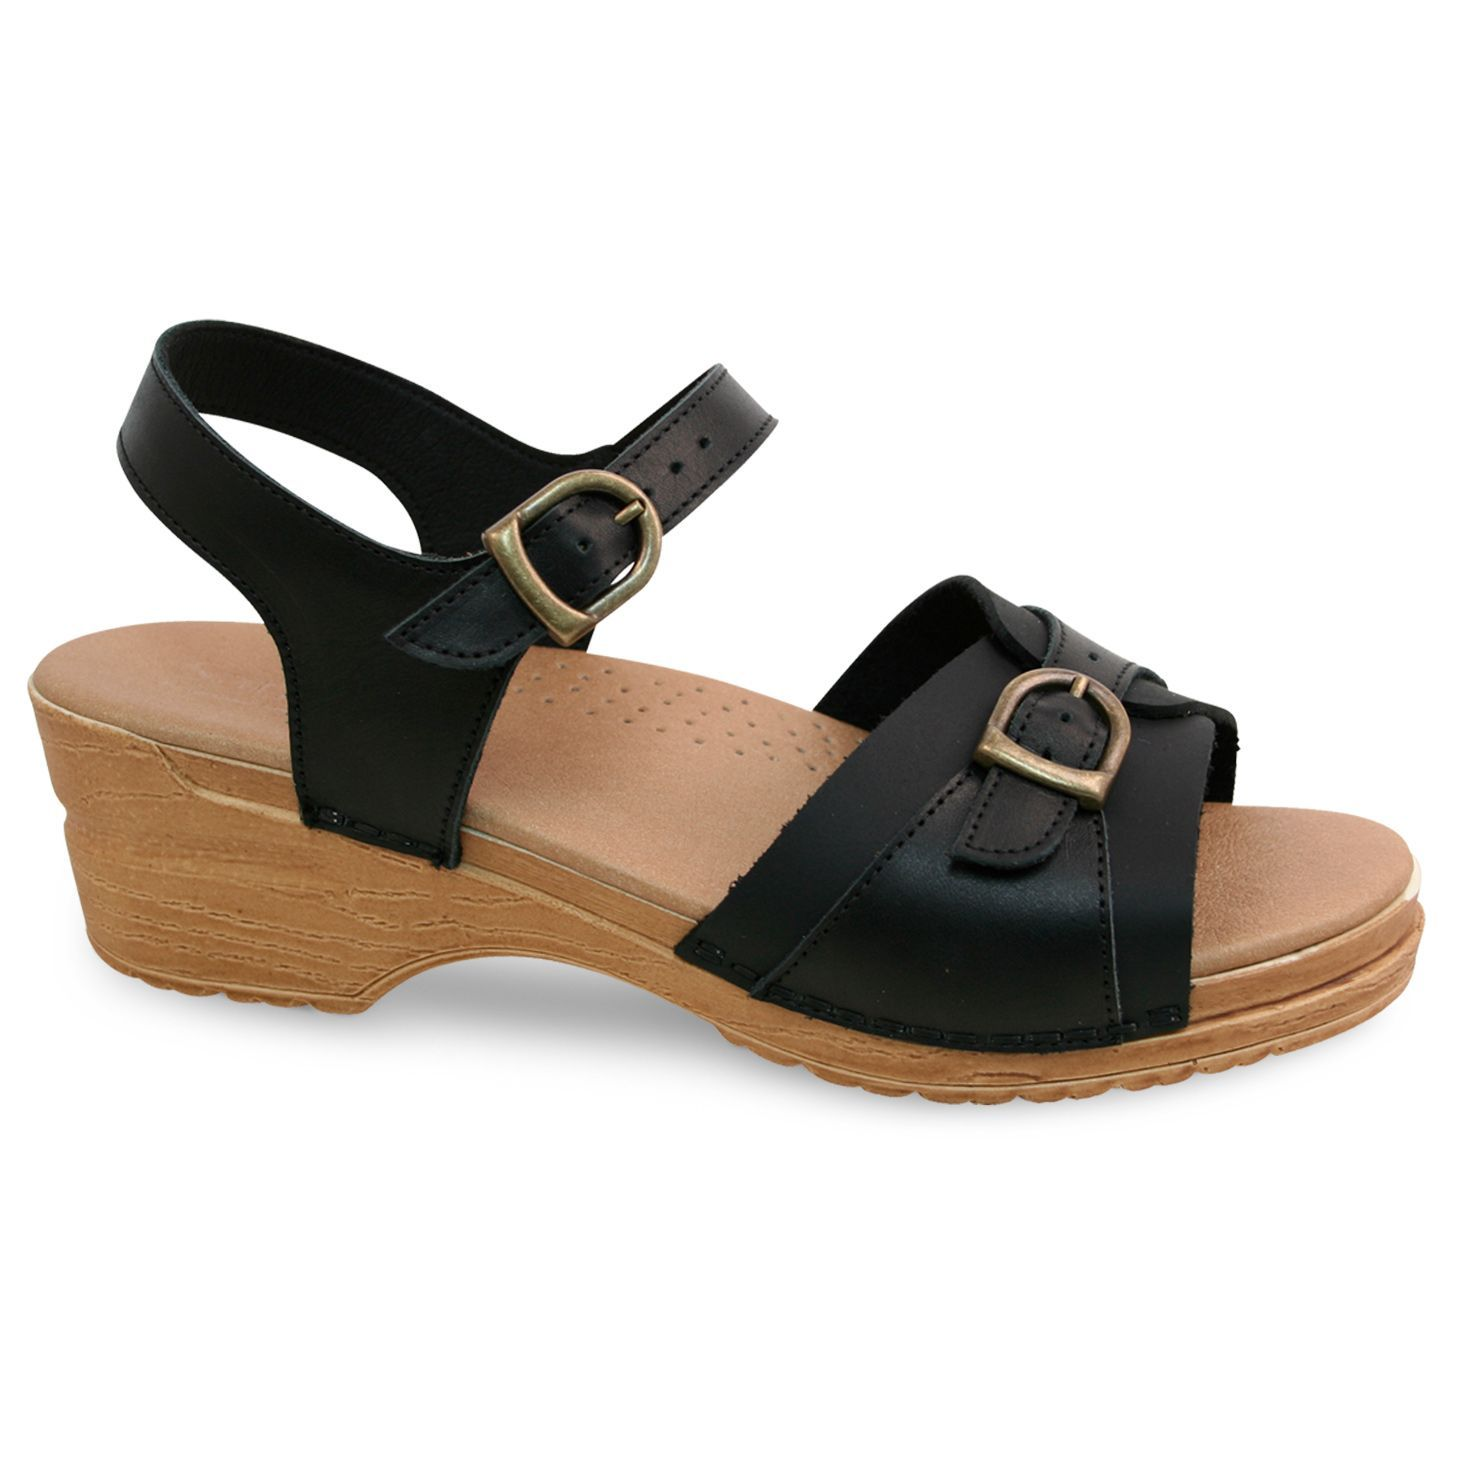 SORRENTO Women's Sandals-